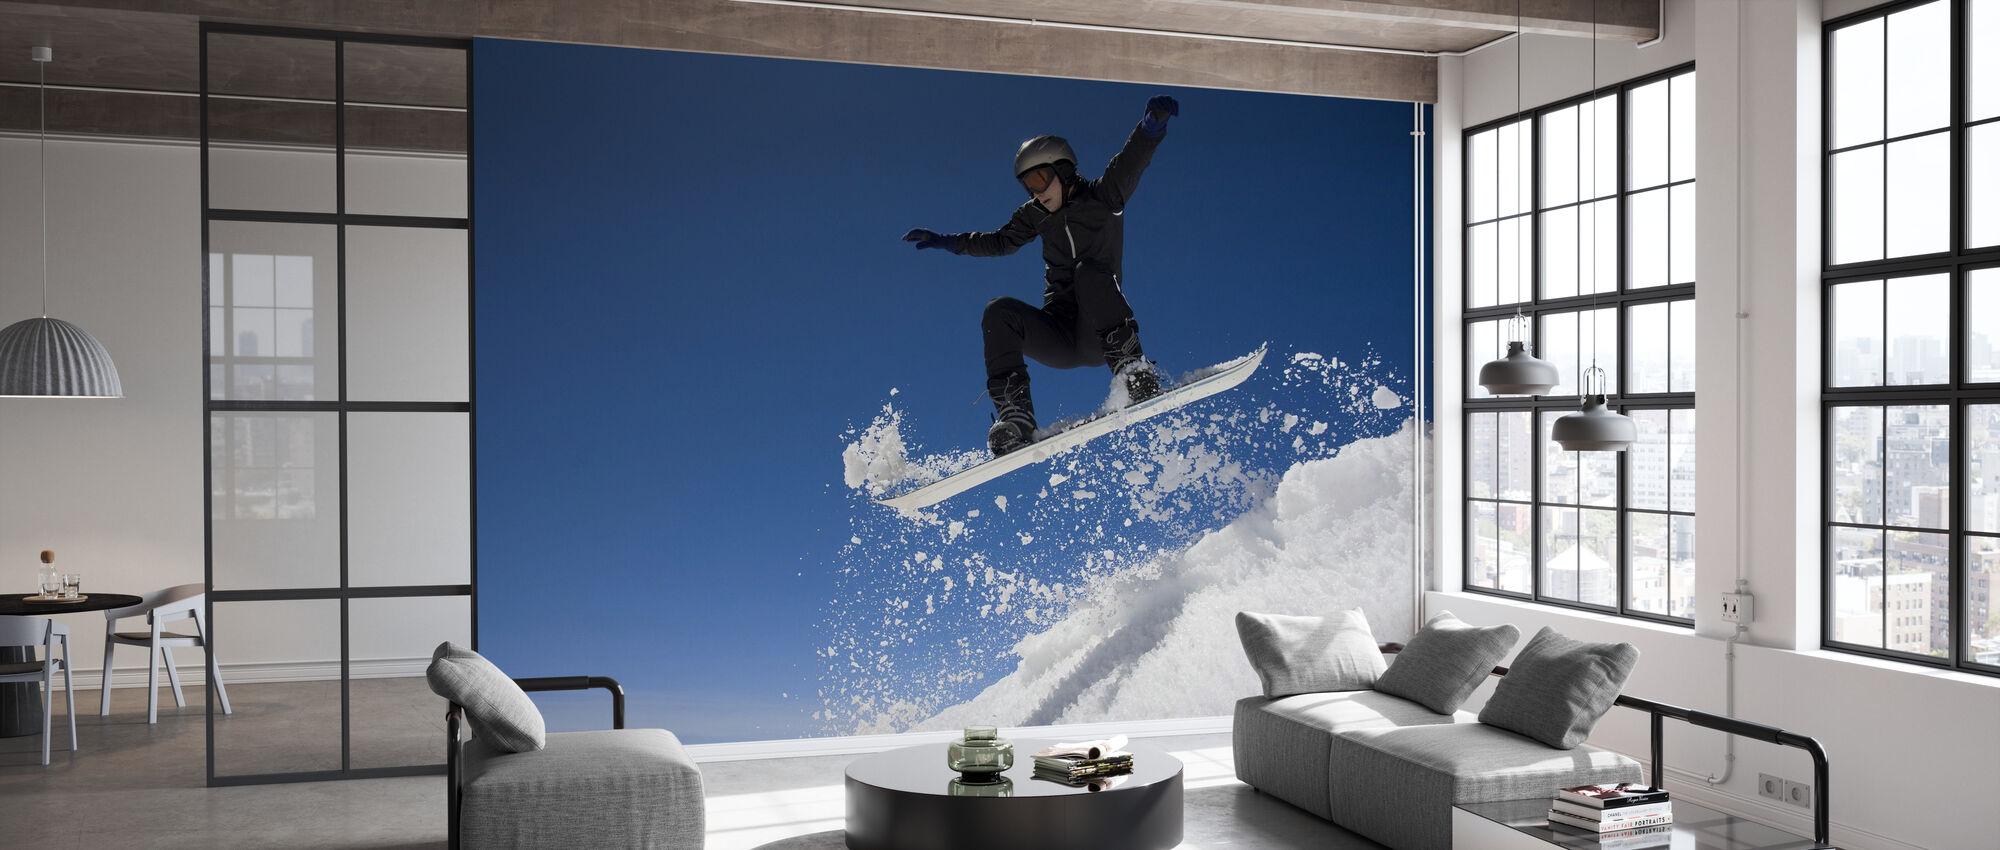 Snowboarder springen door de lucht - Behang - Kantoor